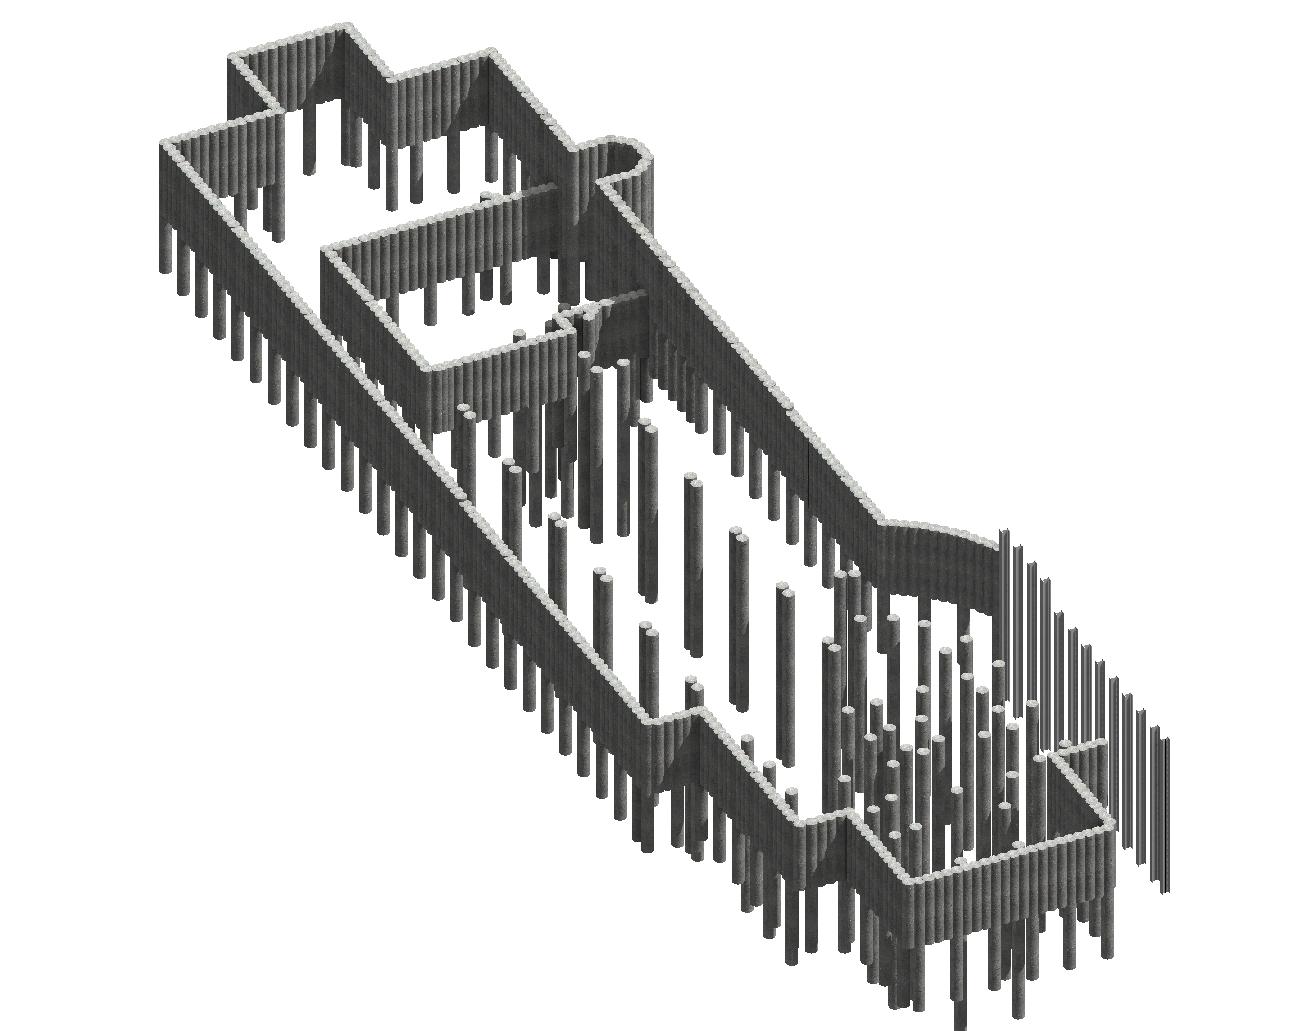 BIM-Modell Baugrubensicherung und Gründung